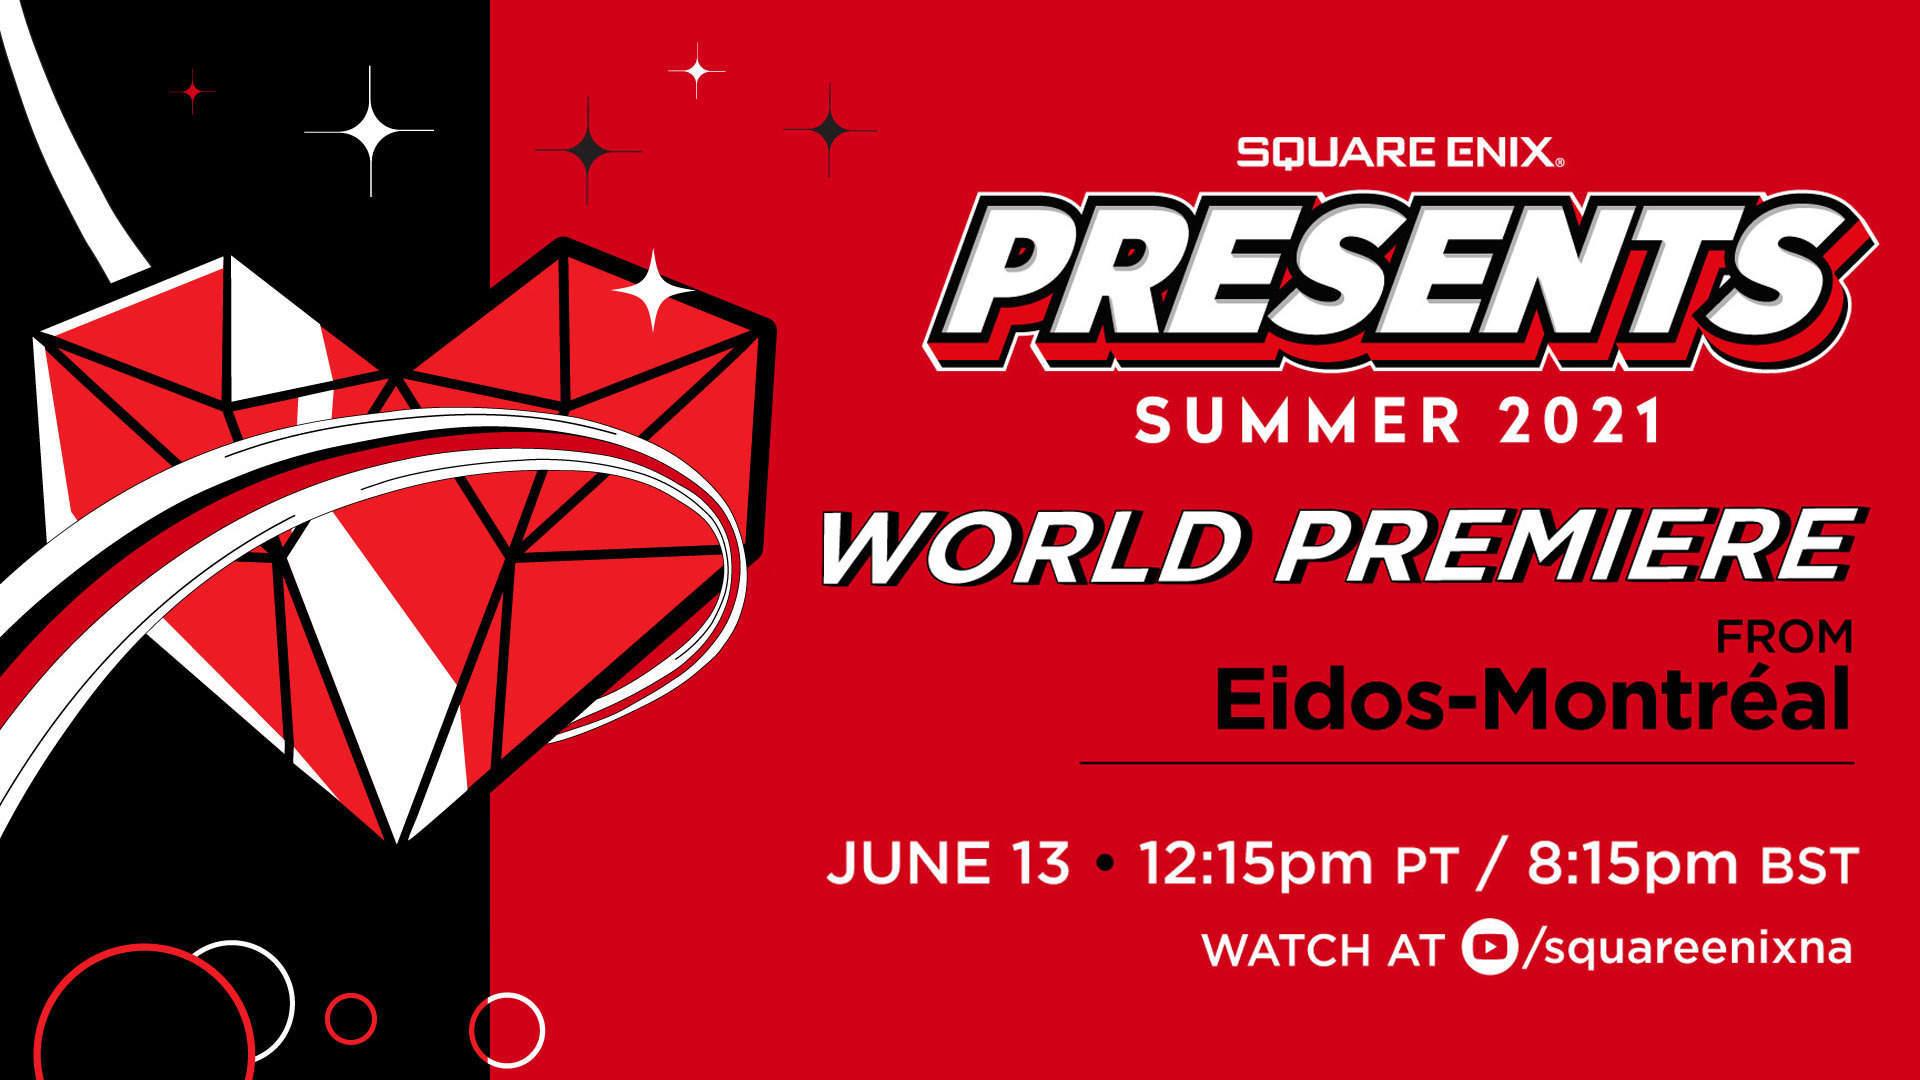 Foto de Fecha y horario del evento online Square Enix Presents en el E3 2021